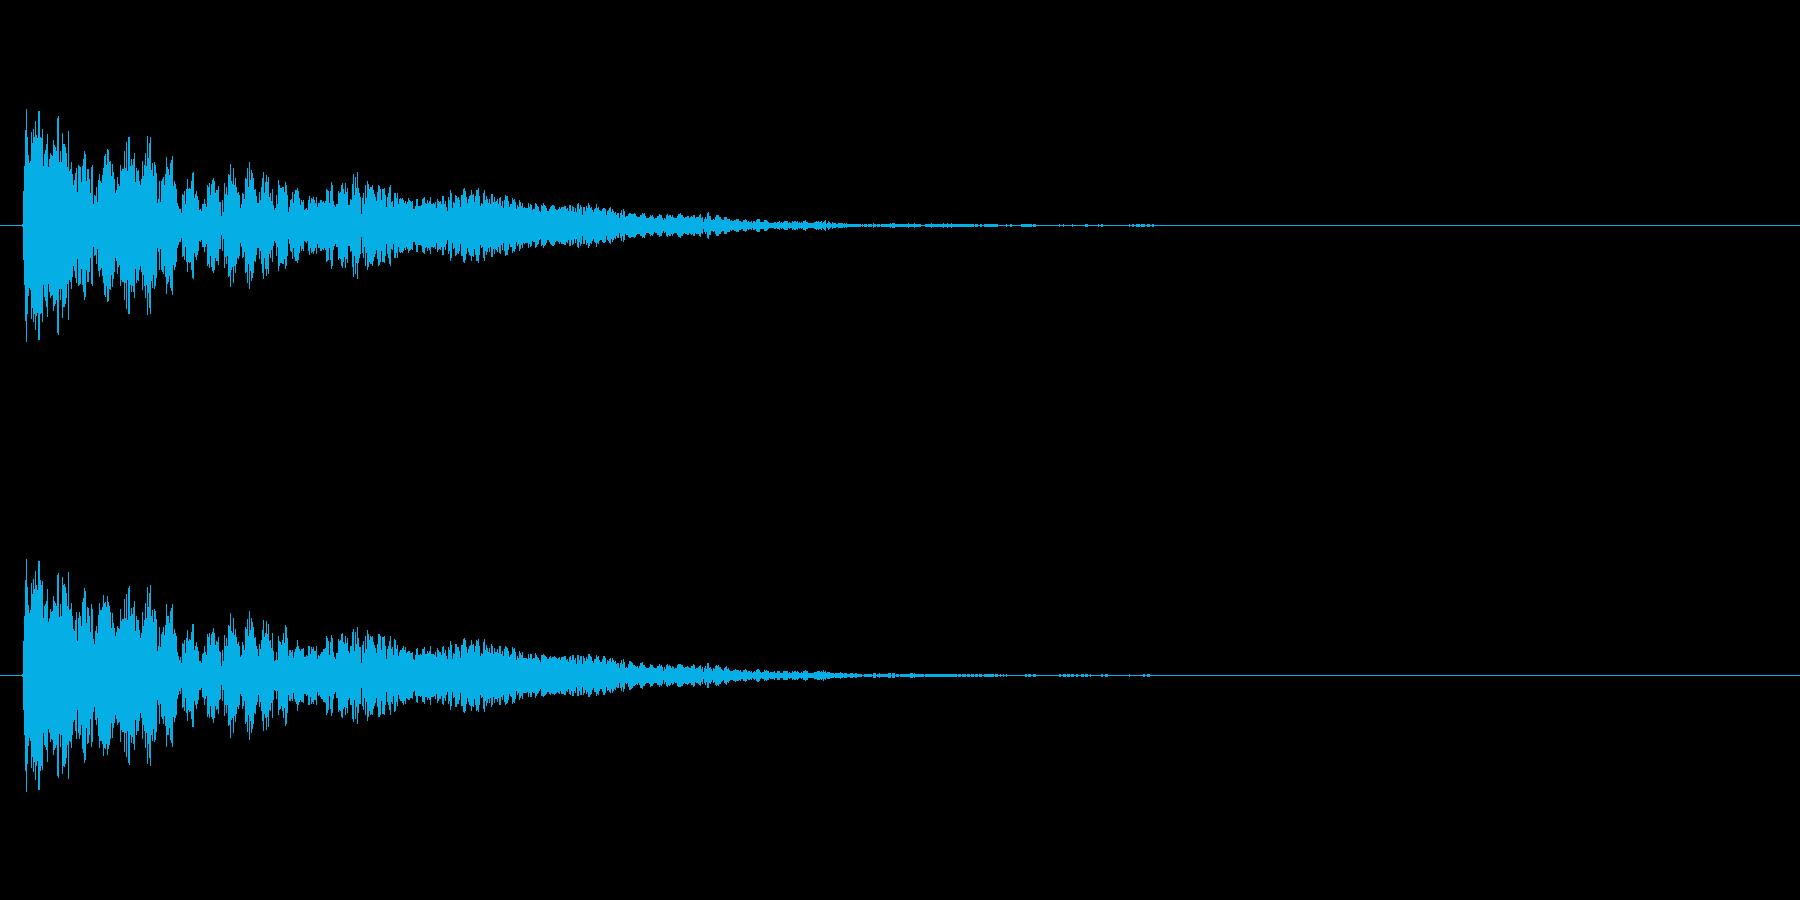 【ネガティブ01-1】の再生済みの波形